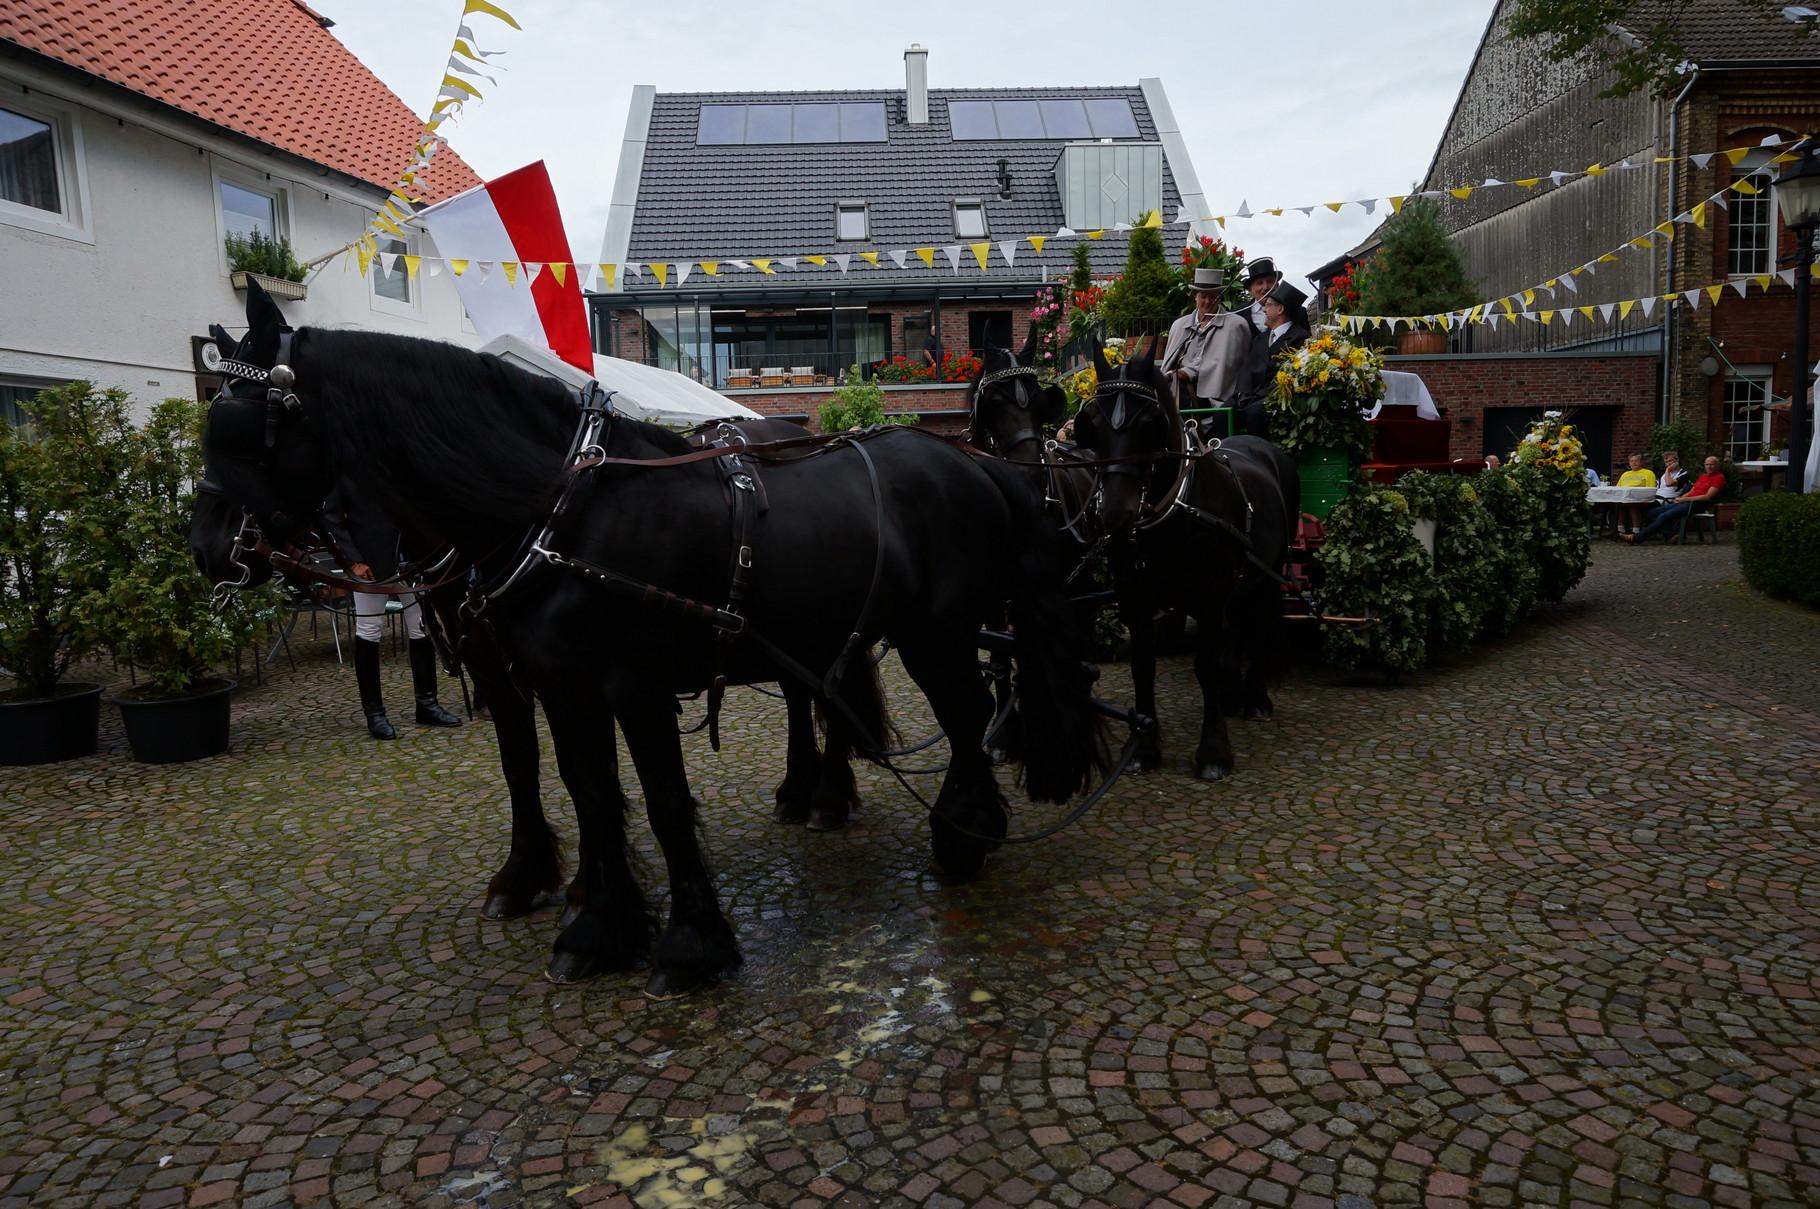 Wagen für den Ida-Schrein mit 4er Gespann von Königsbusch Wadersloh